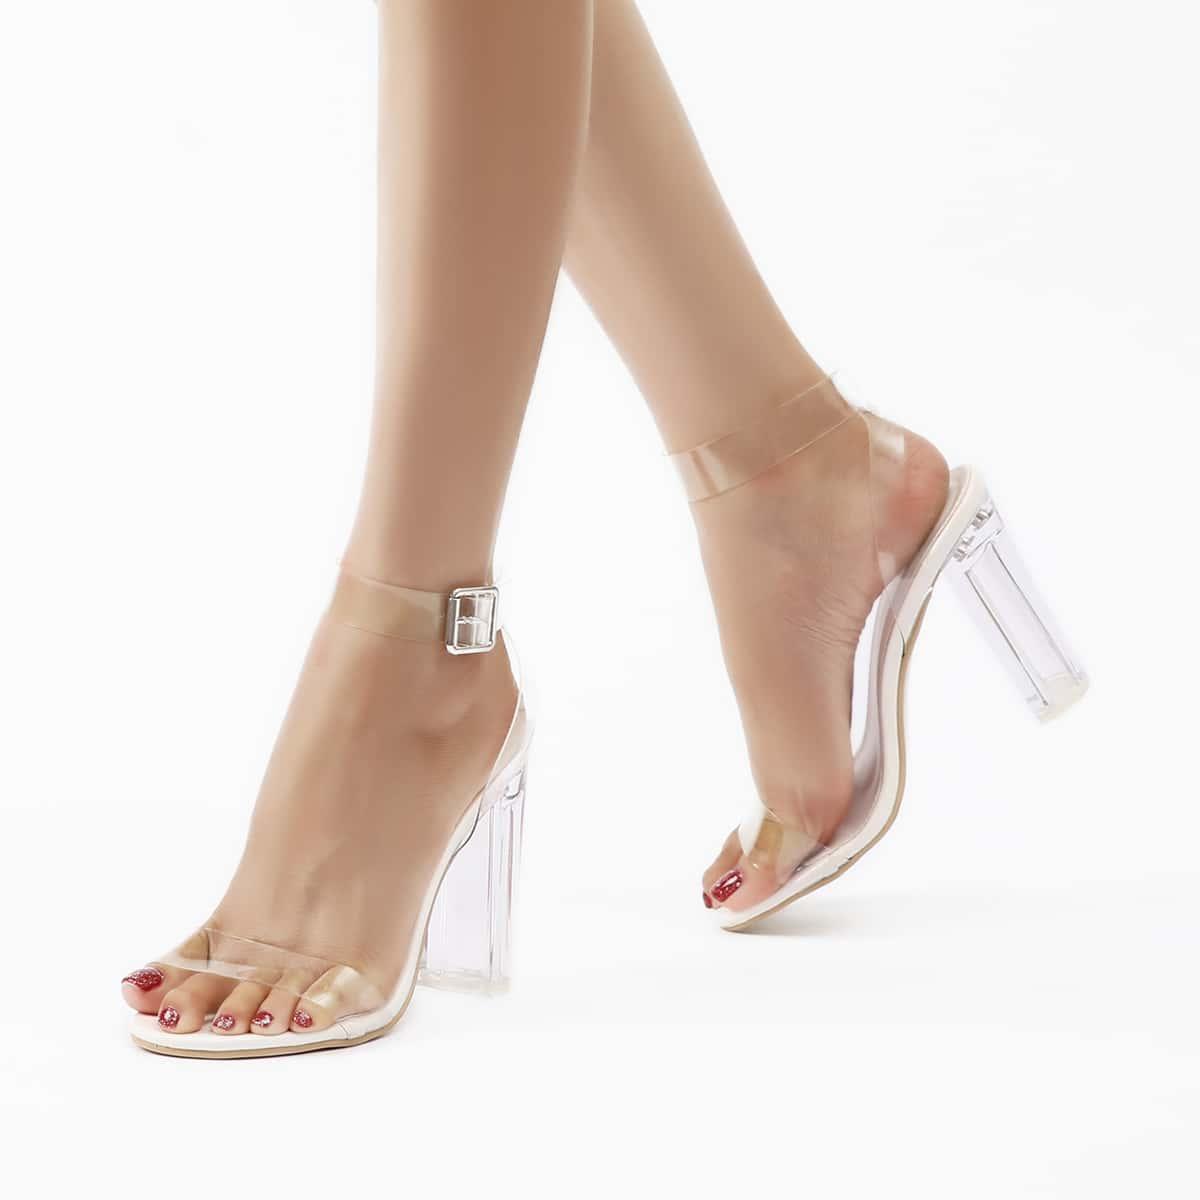 Прозрачные сандалии с массивным каблуком и ремешком